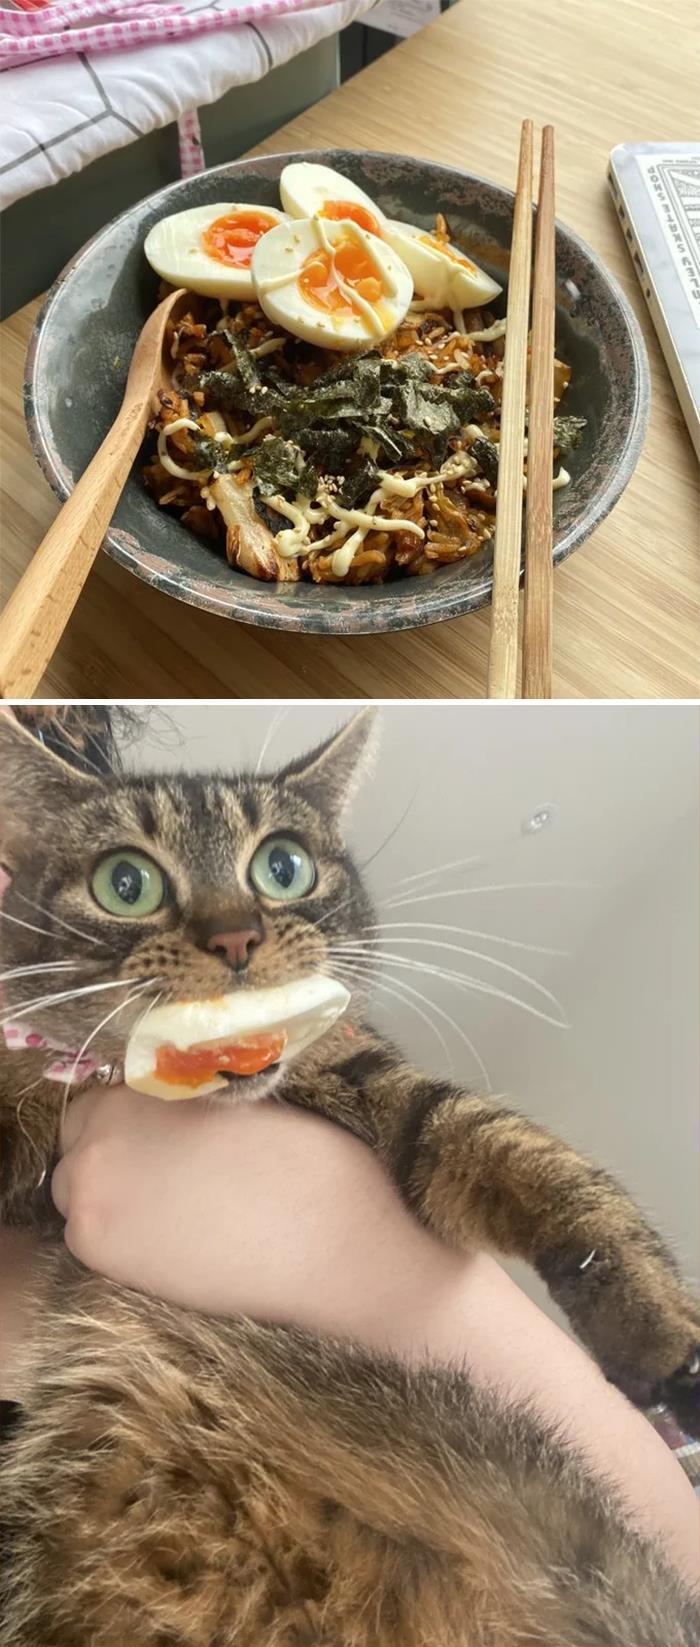 35 fotos de gatos hilariantes que você precisa ver 28